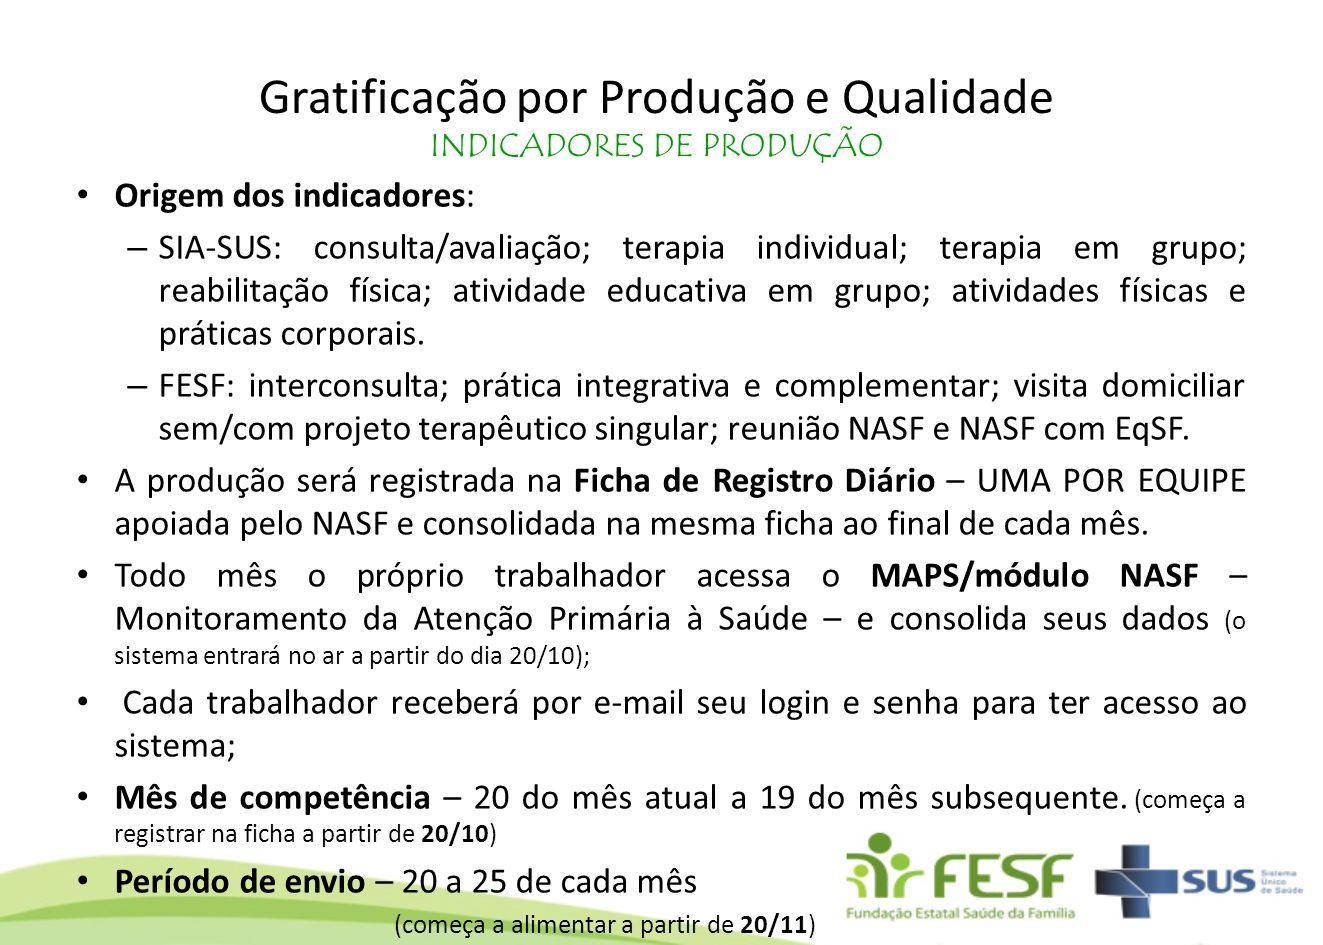 Gratificação por Produção e Qualidade INDICADORES DE PRODUÇÃO